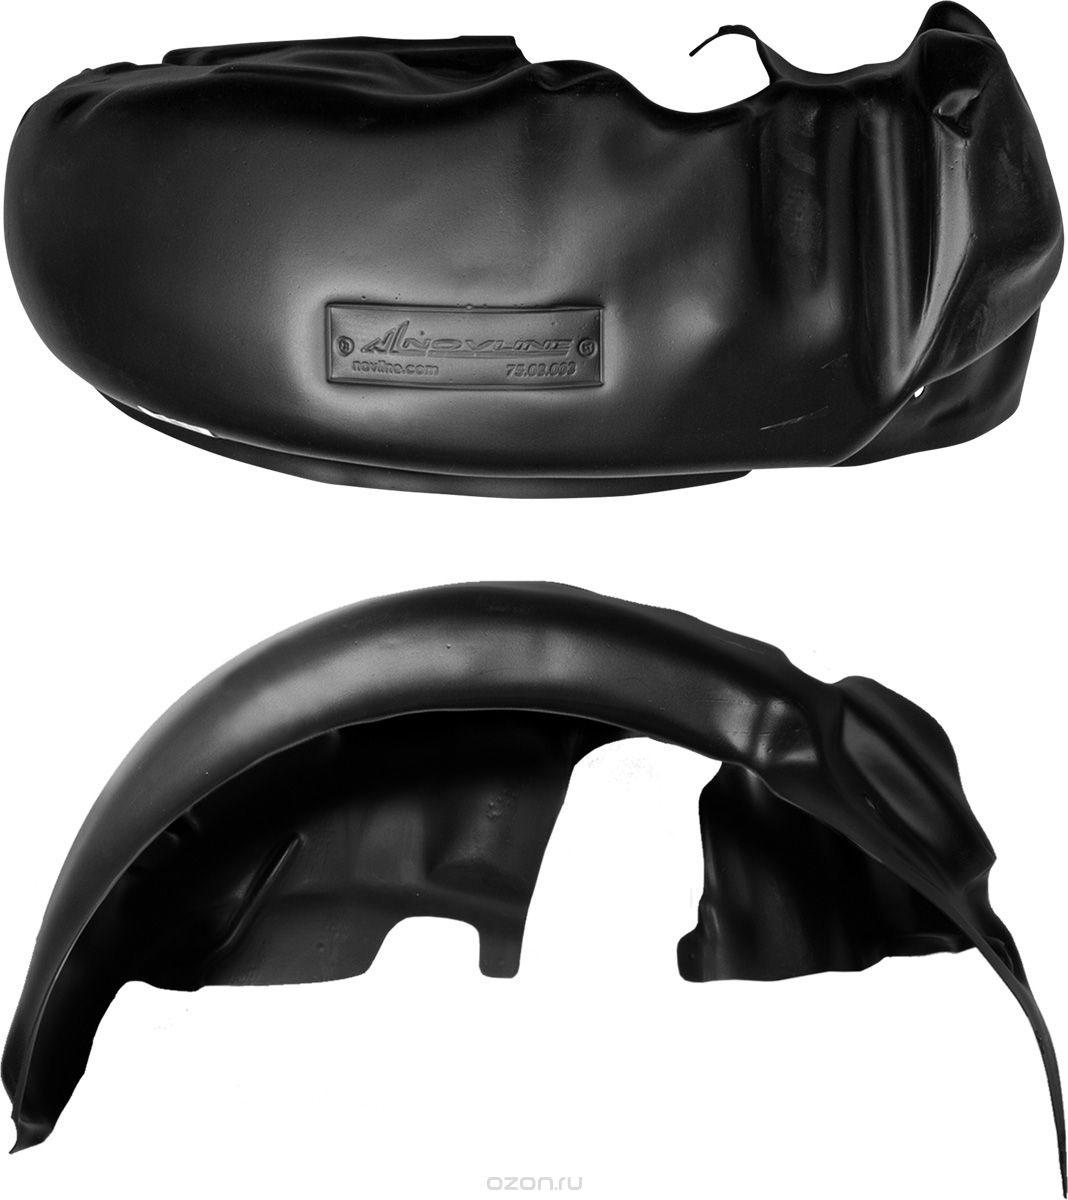 Подкрылок Novline-Autofamily, для Chevrolet Aveo, 2008->, хэтчбек, задний левыйNLL.08.12.003Идеальная защита колесной ниши. Локеры разработаны с применением цифровых технологий, гарантируют максимальную повторяемость поверхности арки. Изделия устанавливаются без нарушения лакокрасочного покрытия автомобиля, каждый подкрылок комплектуется крепежом. Уважаемые клиенты, обращаем ваше внимание, что фотографии на подкрылки универсальные и не отражают реальную форму изделия. При этом само изделие идет точно под размер указанного автомобиля.